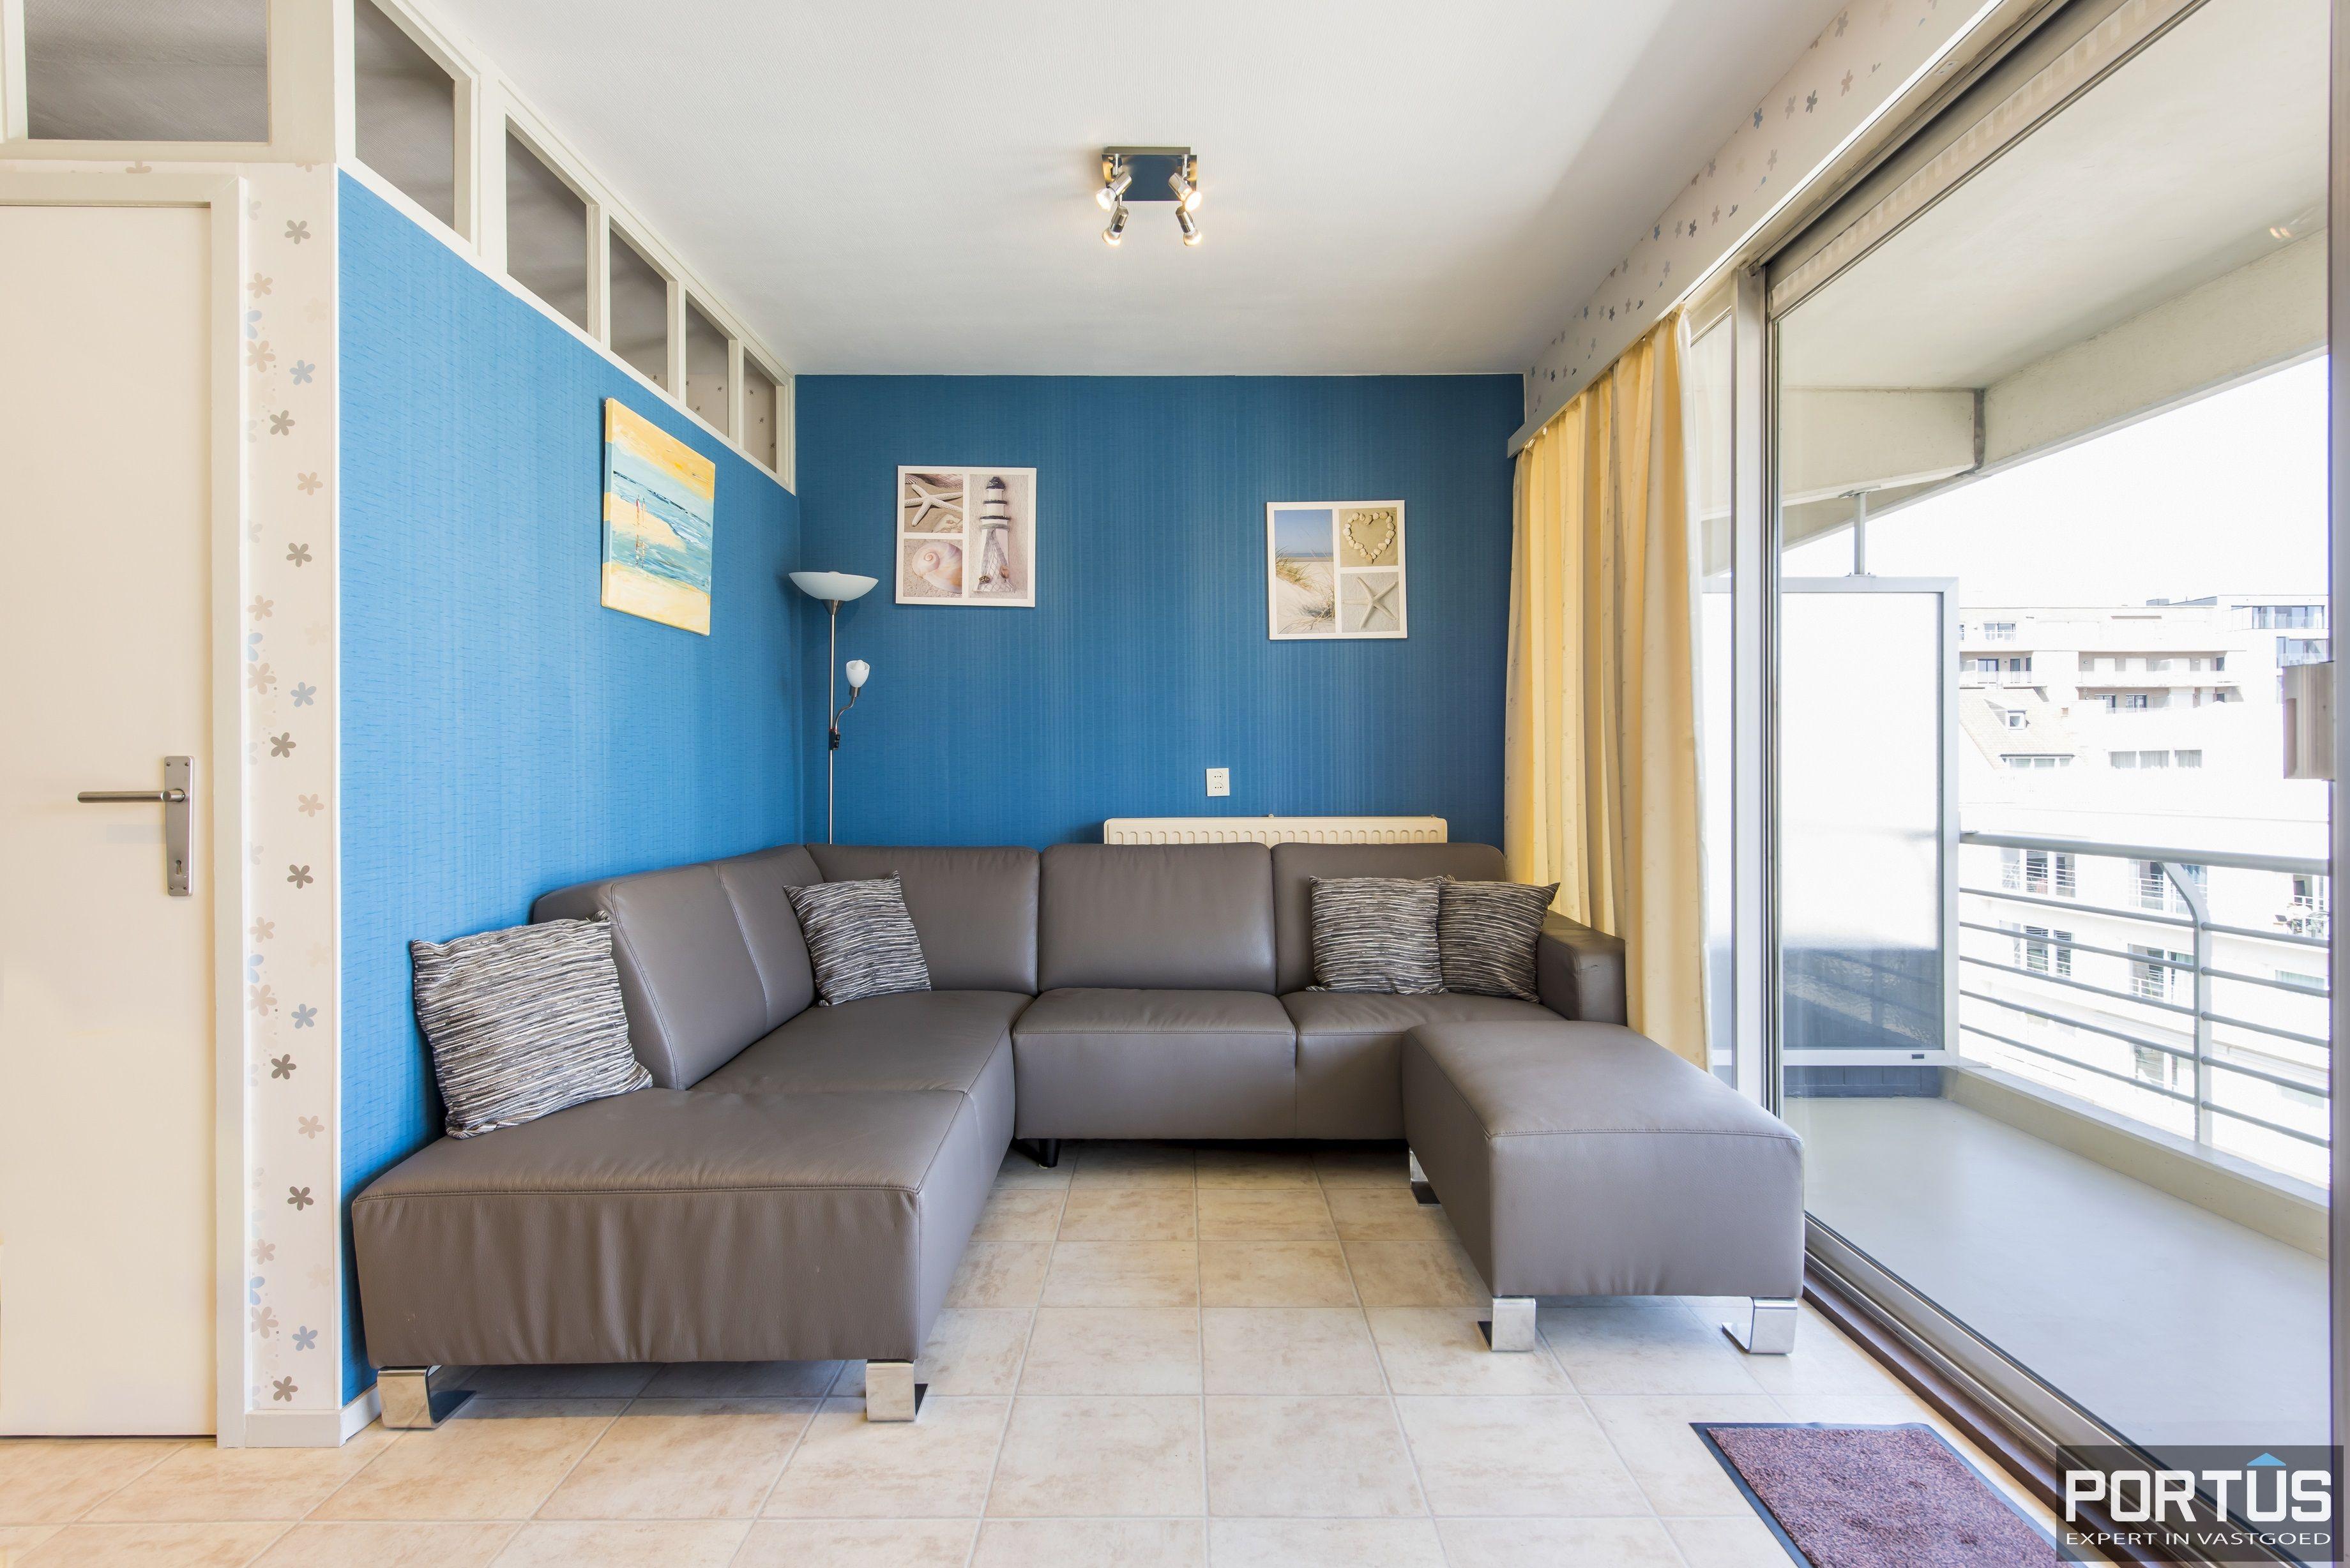 Instapklaar 1 slaapkamer appartement met ruim terras met zijdelings zeezicht te koop - 9548